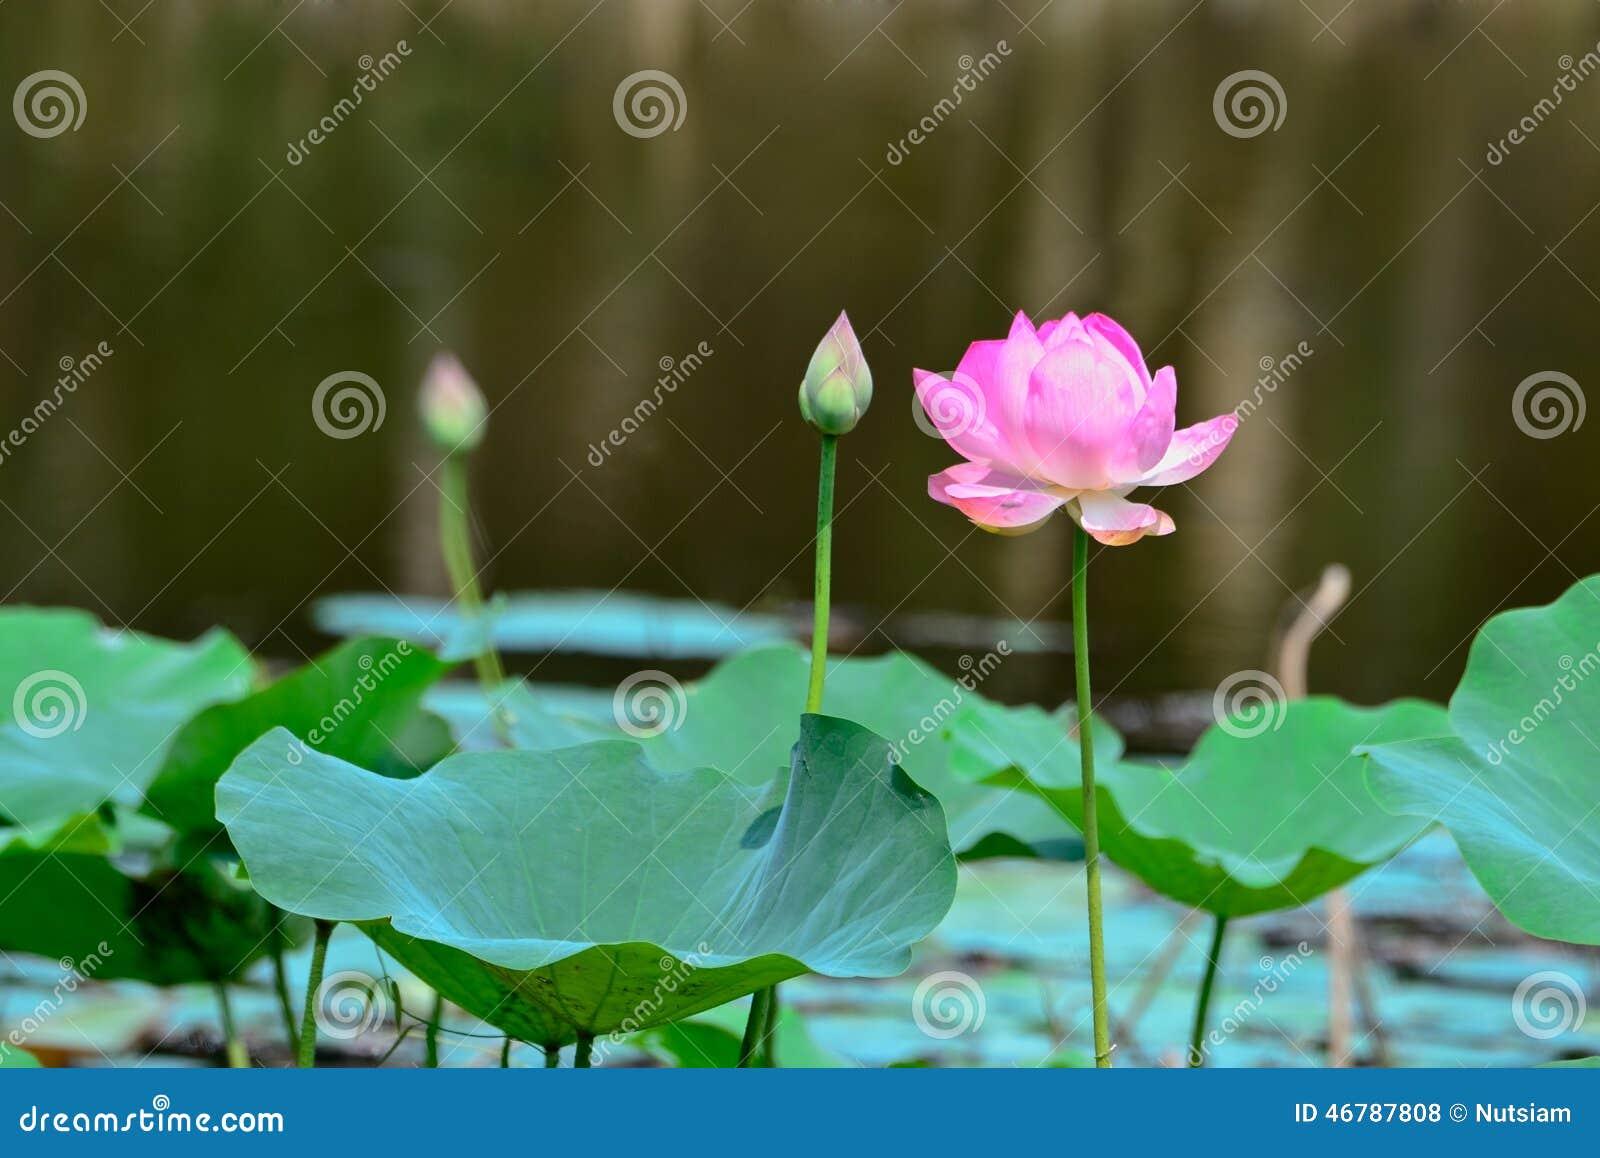 Thai lotus stock photo image of innocence profile exoticism download thai lotus stock photo image of innocence profile exoticism 46787808 izmirmasajfo